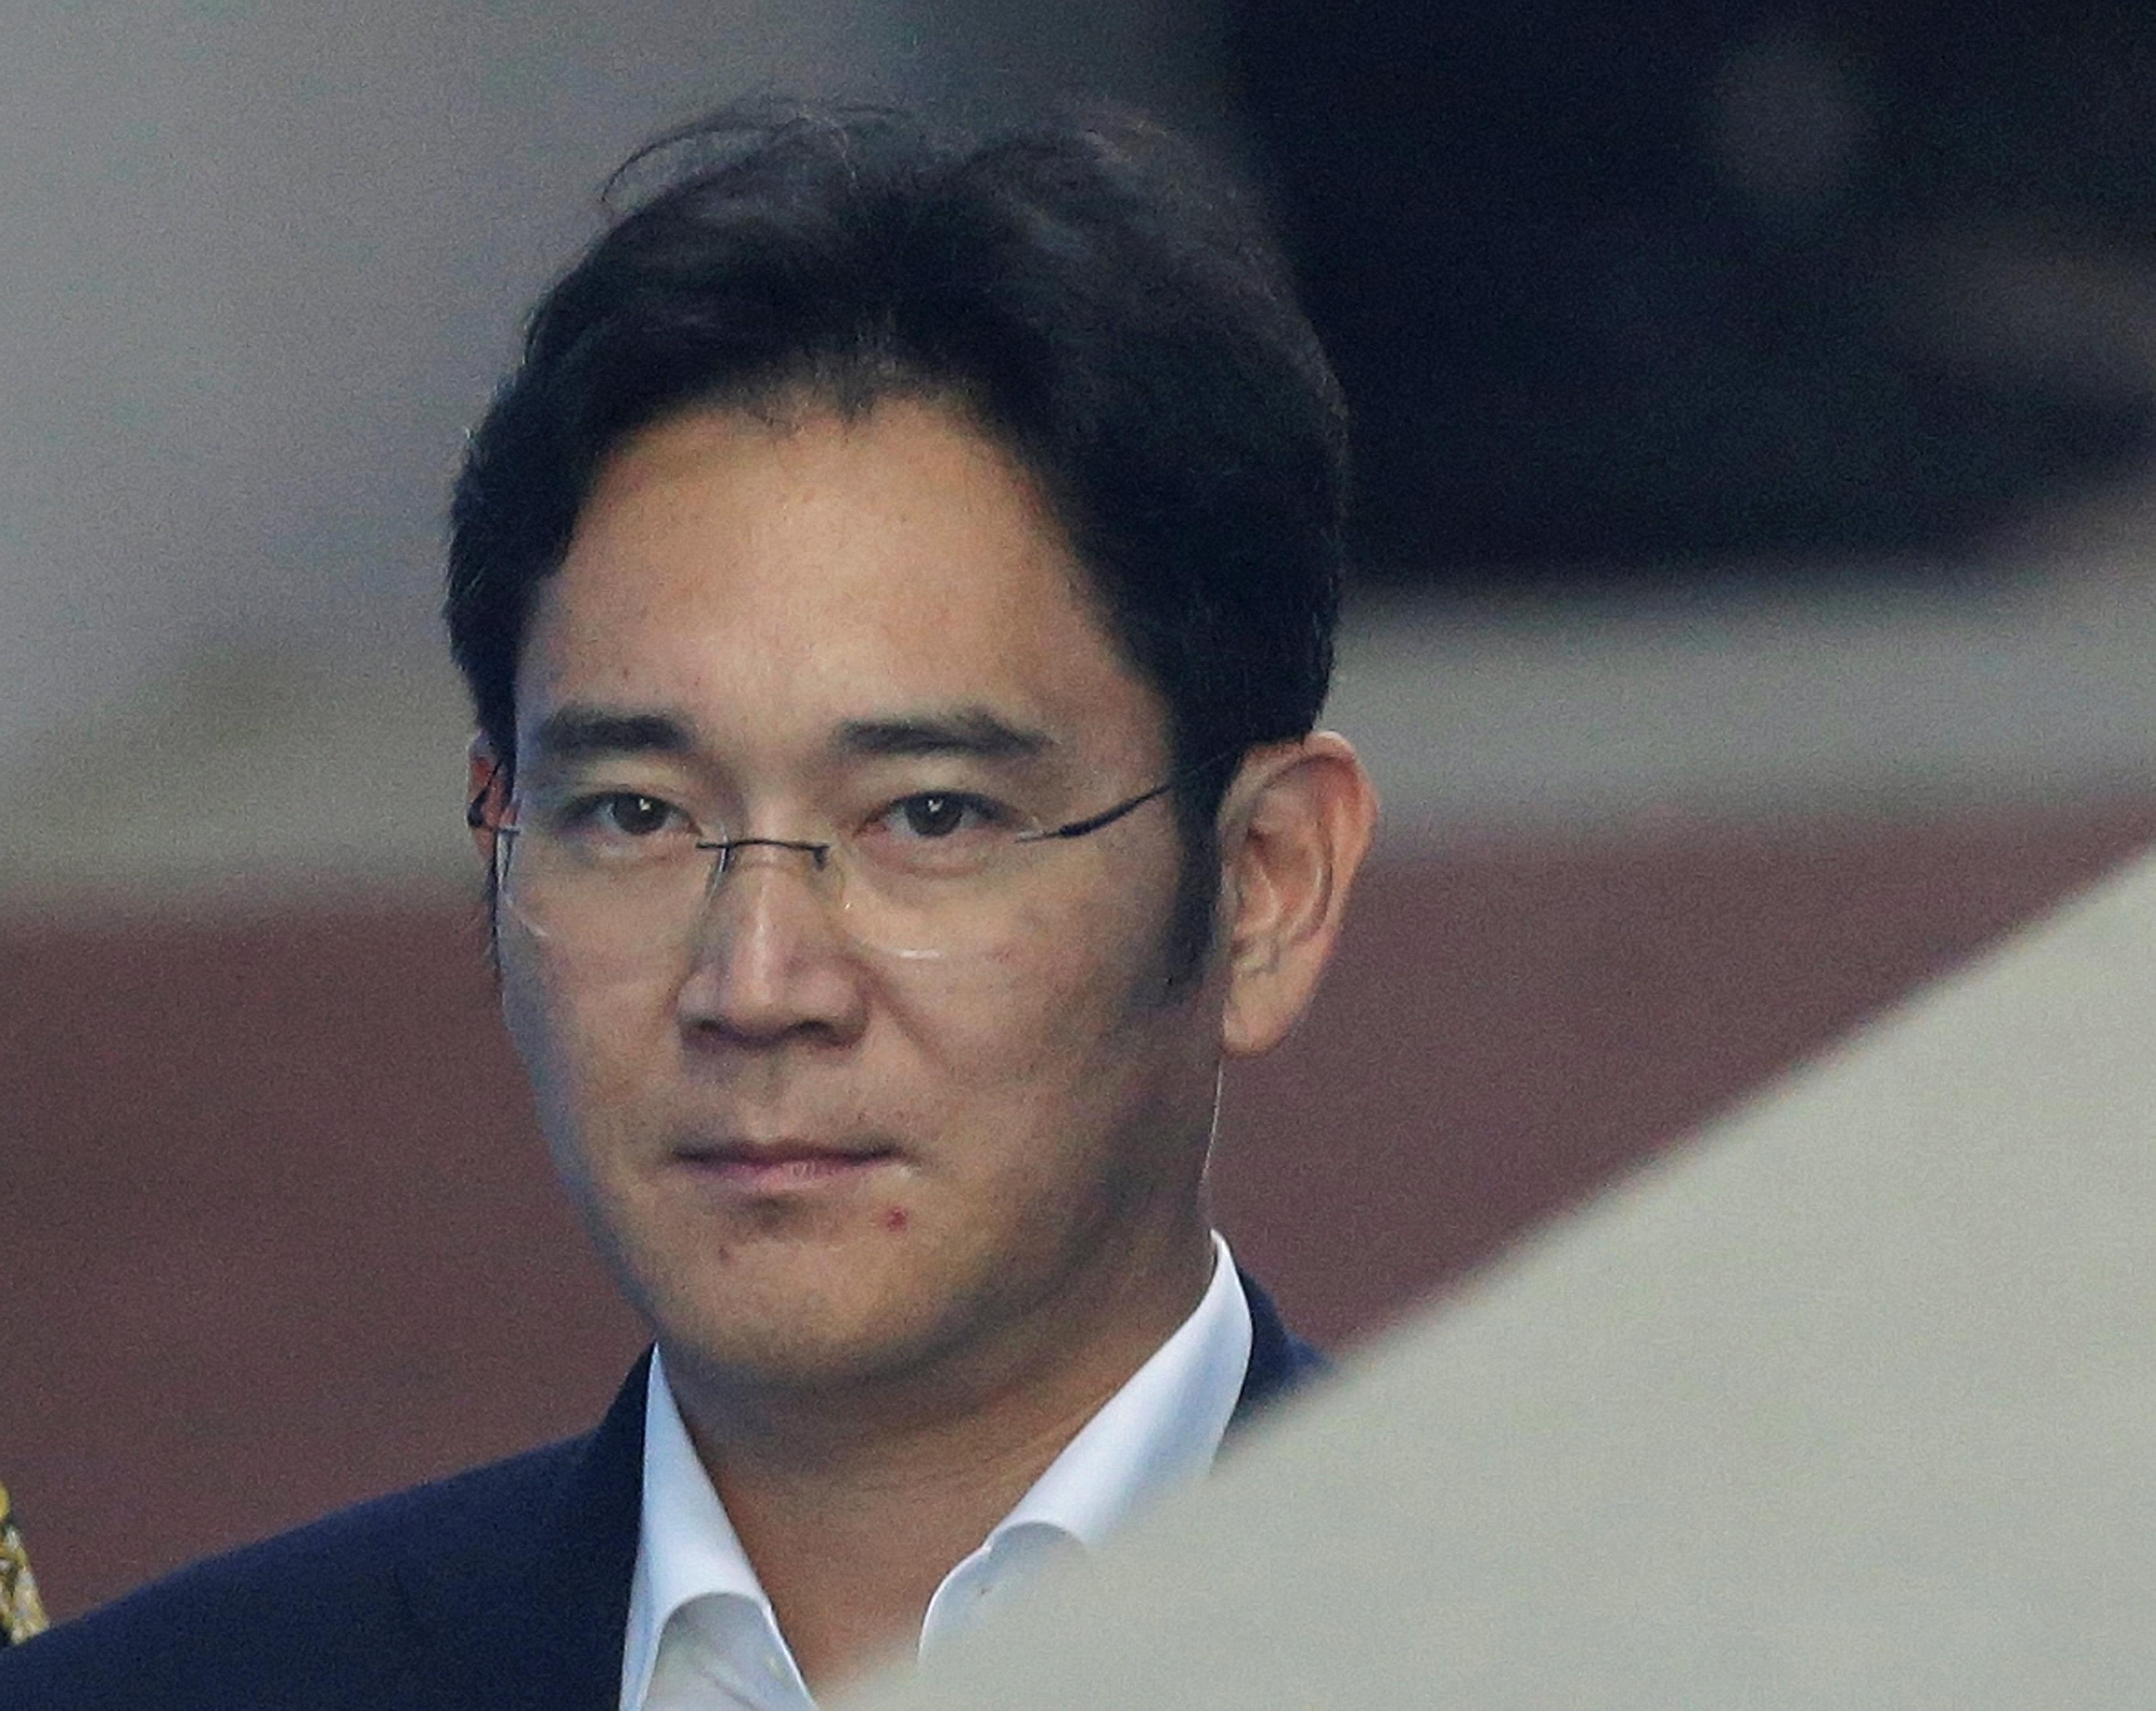 Samsung scion Lee fights back tears as prosecutors seek 12 years' jail